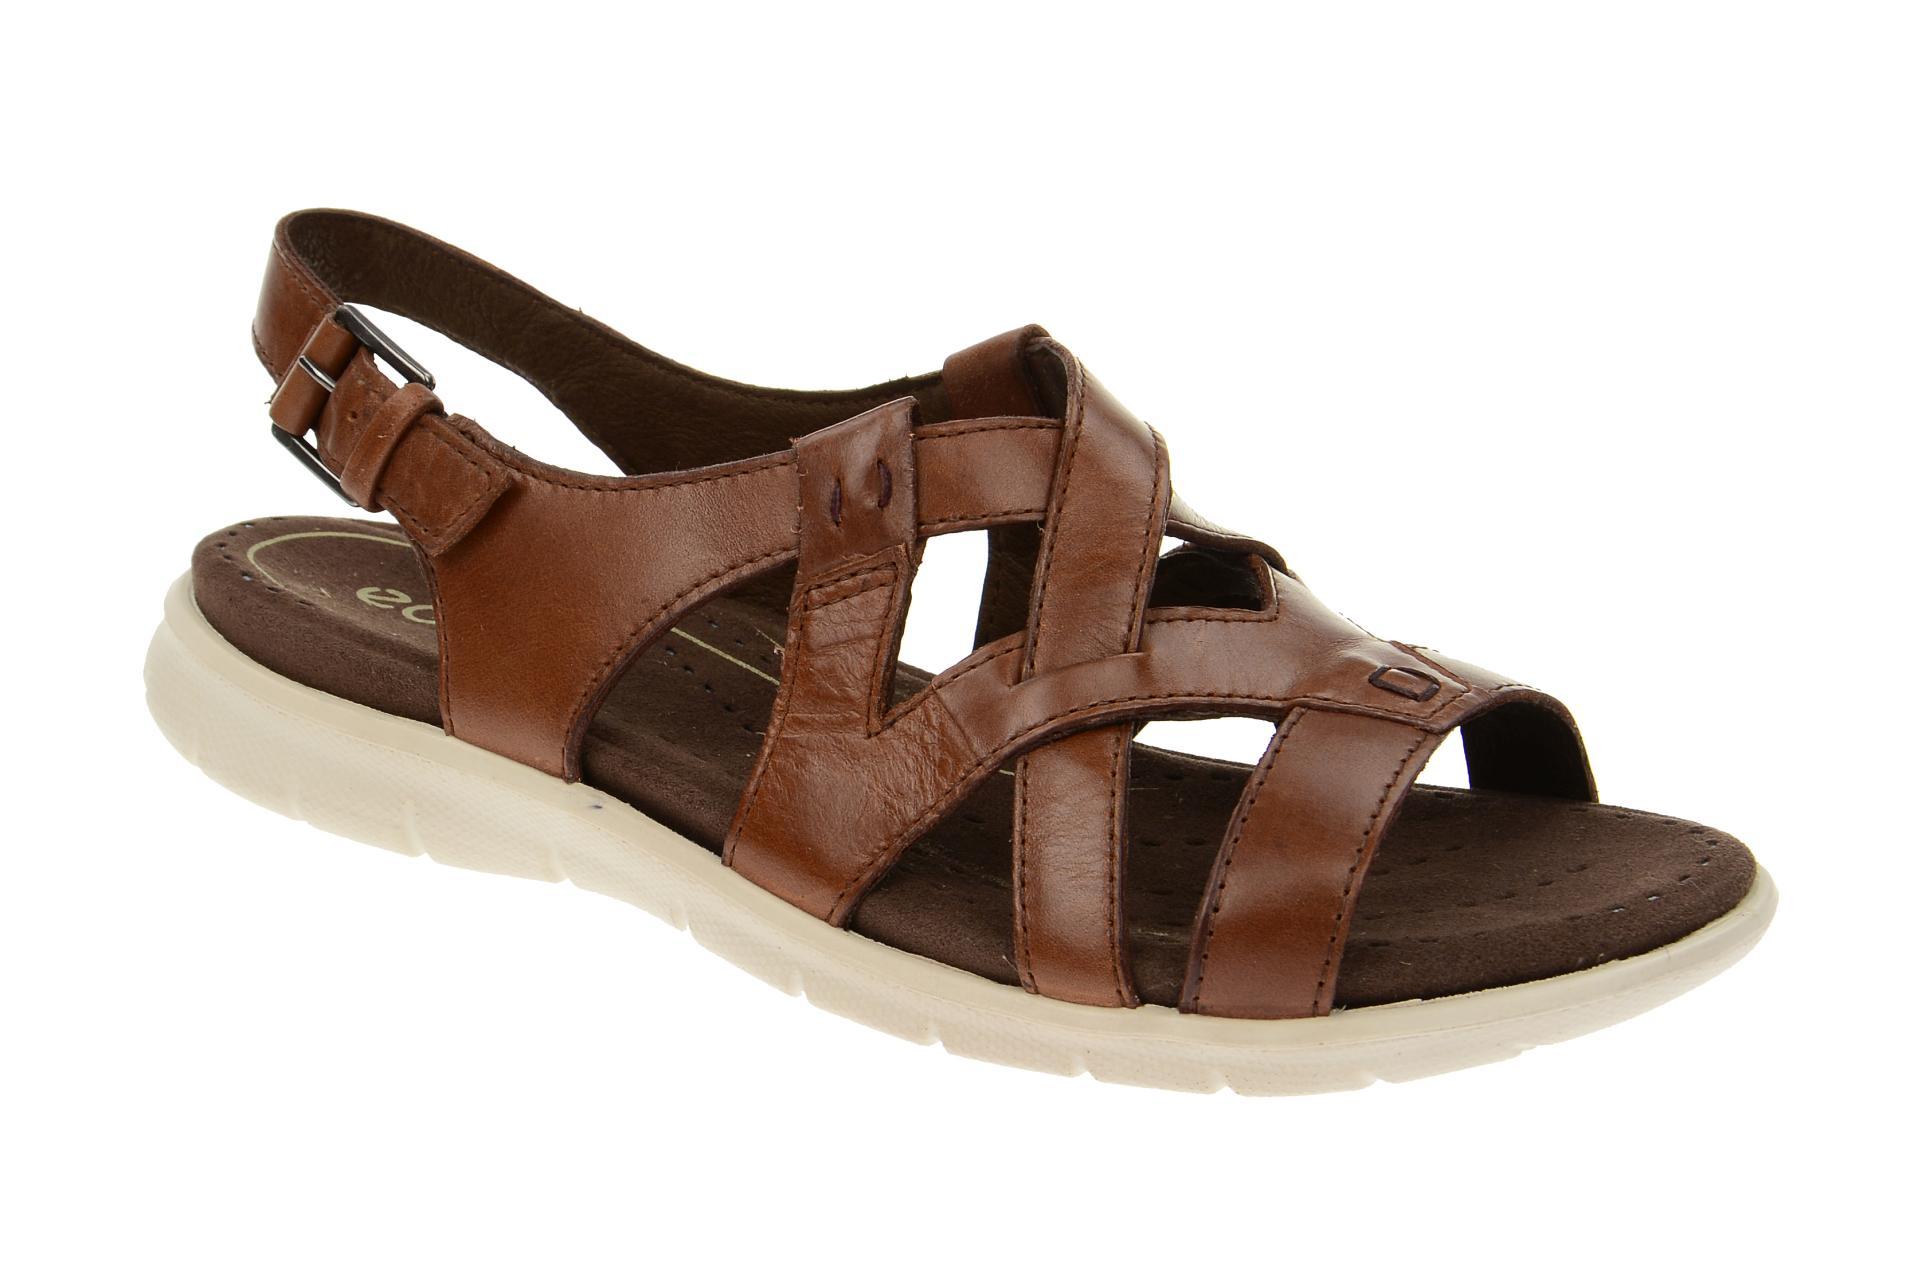 ecco damen sandalette riemchen sandalen babett sandal. Black Bedroom Furniture Sets. Home Design Ideas